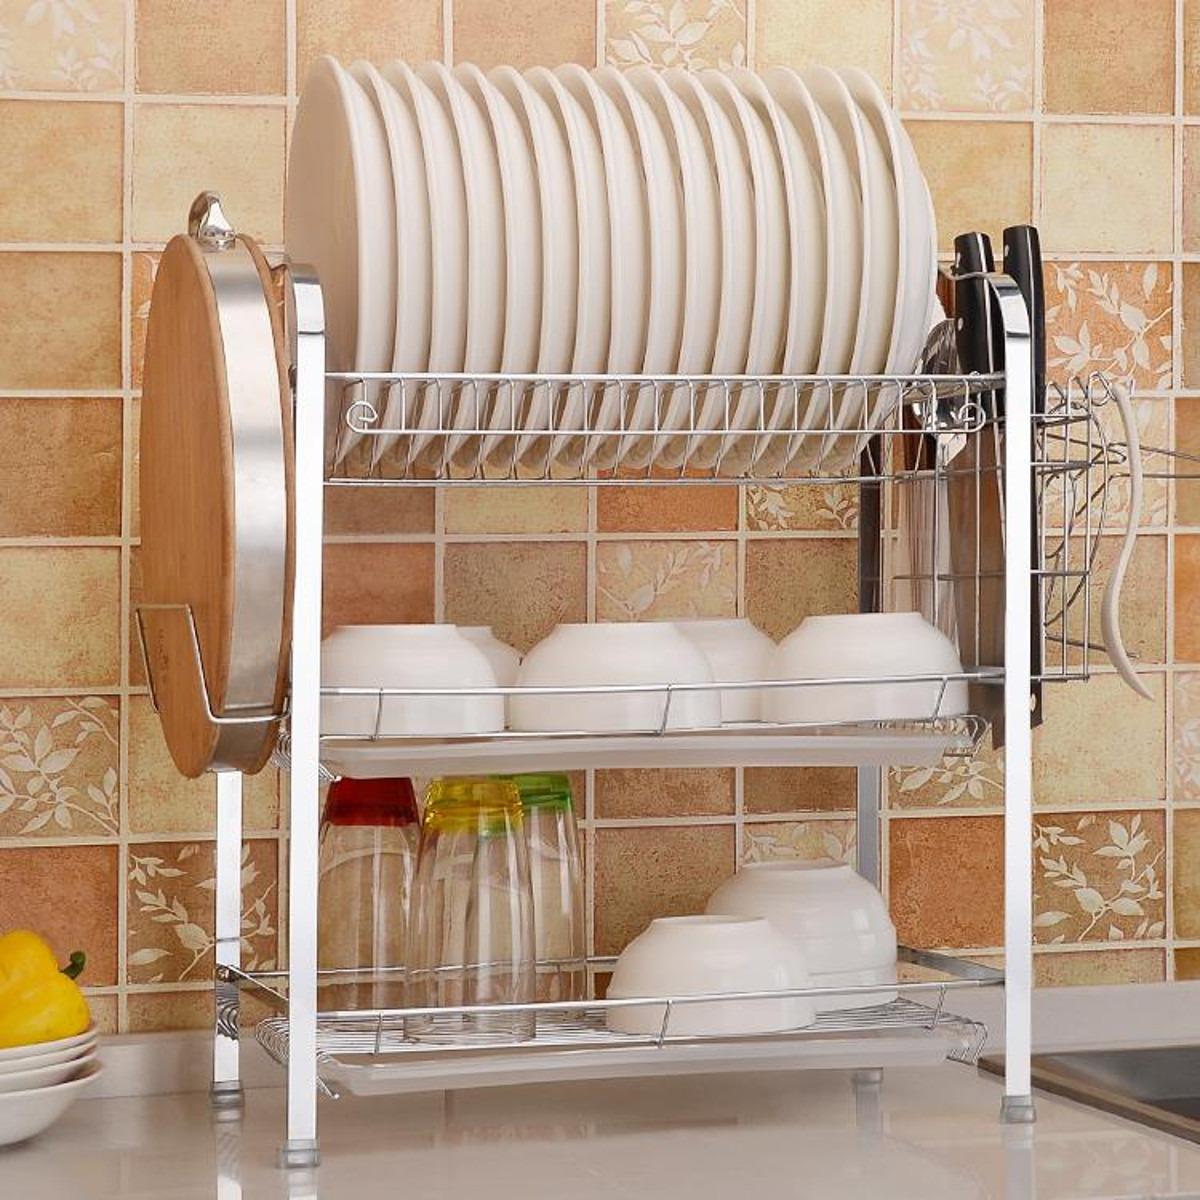 2 niveles Plato Escurridor de almacenamiento de cocina de acero inoxidable placas de Cromo Bandeja de goteo NUEVO